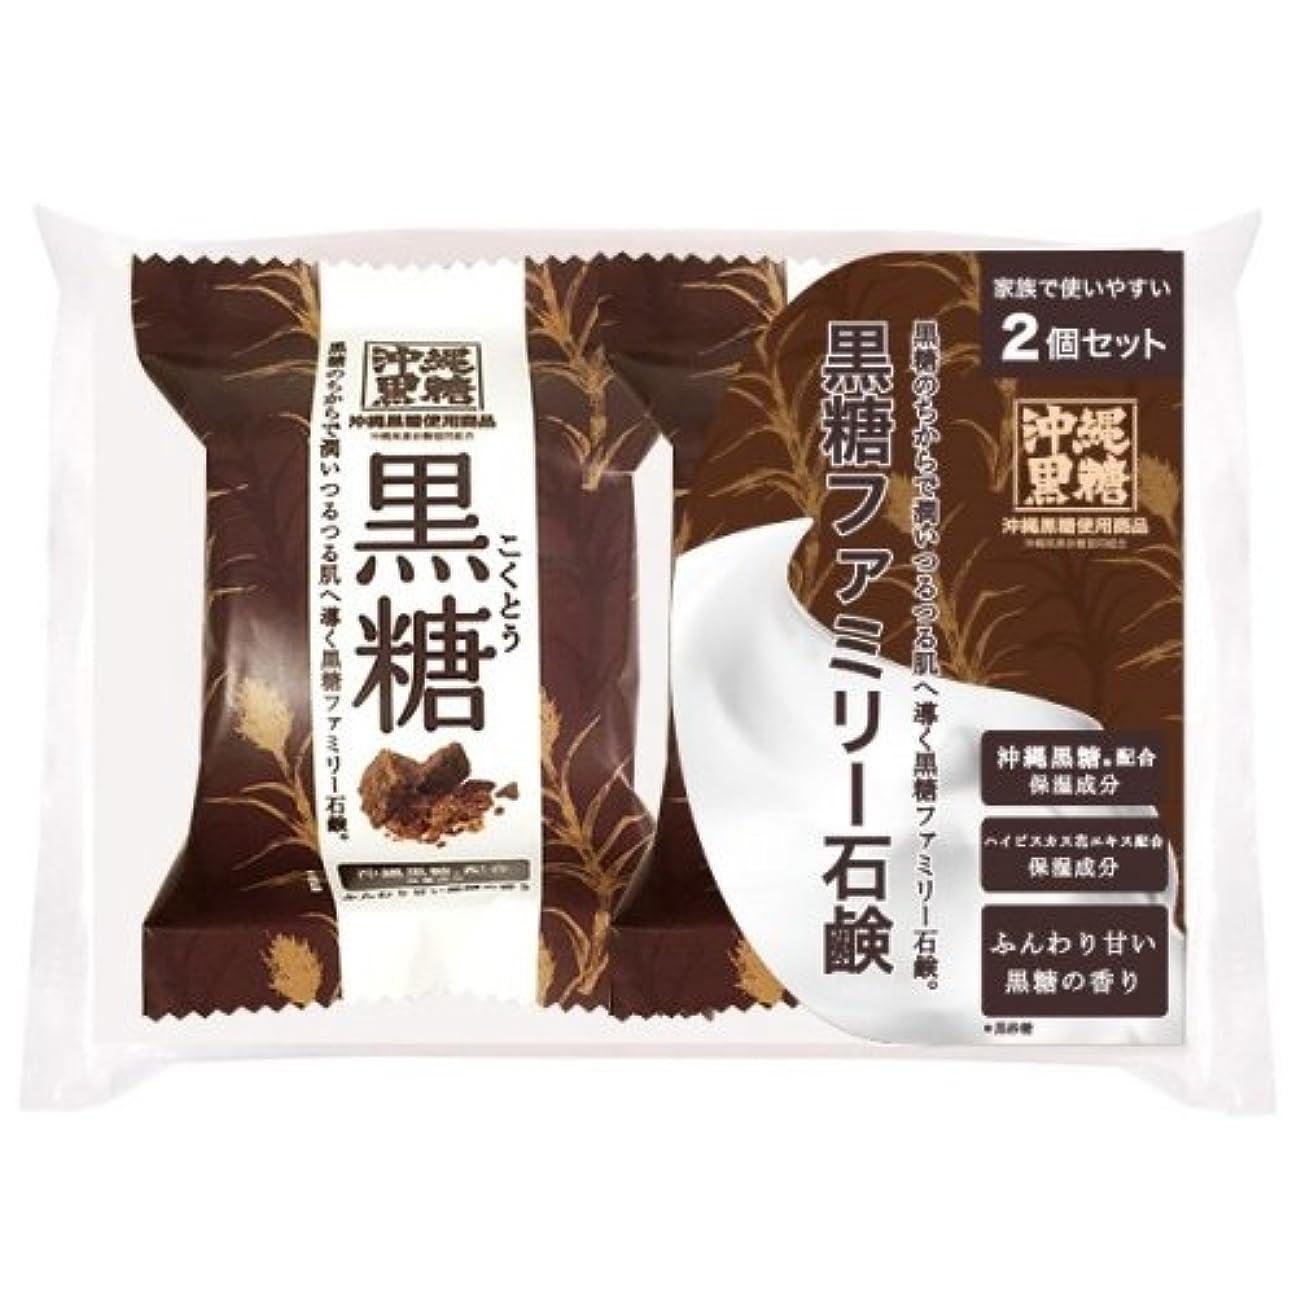 連続的東ティモール慣性ペリカン石鹸 ファミリー黒糖石鹸 80g×2個